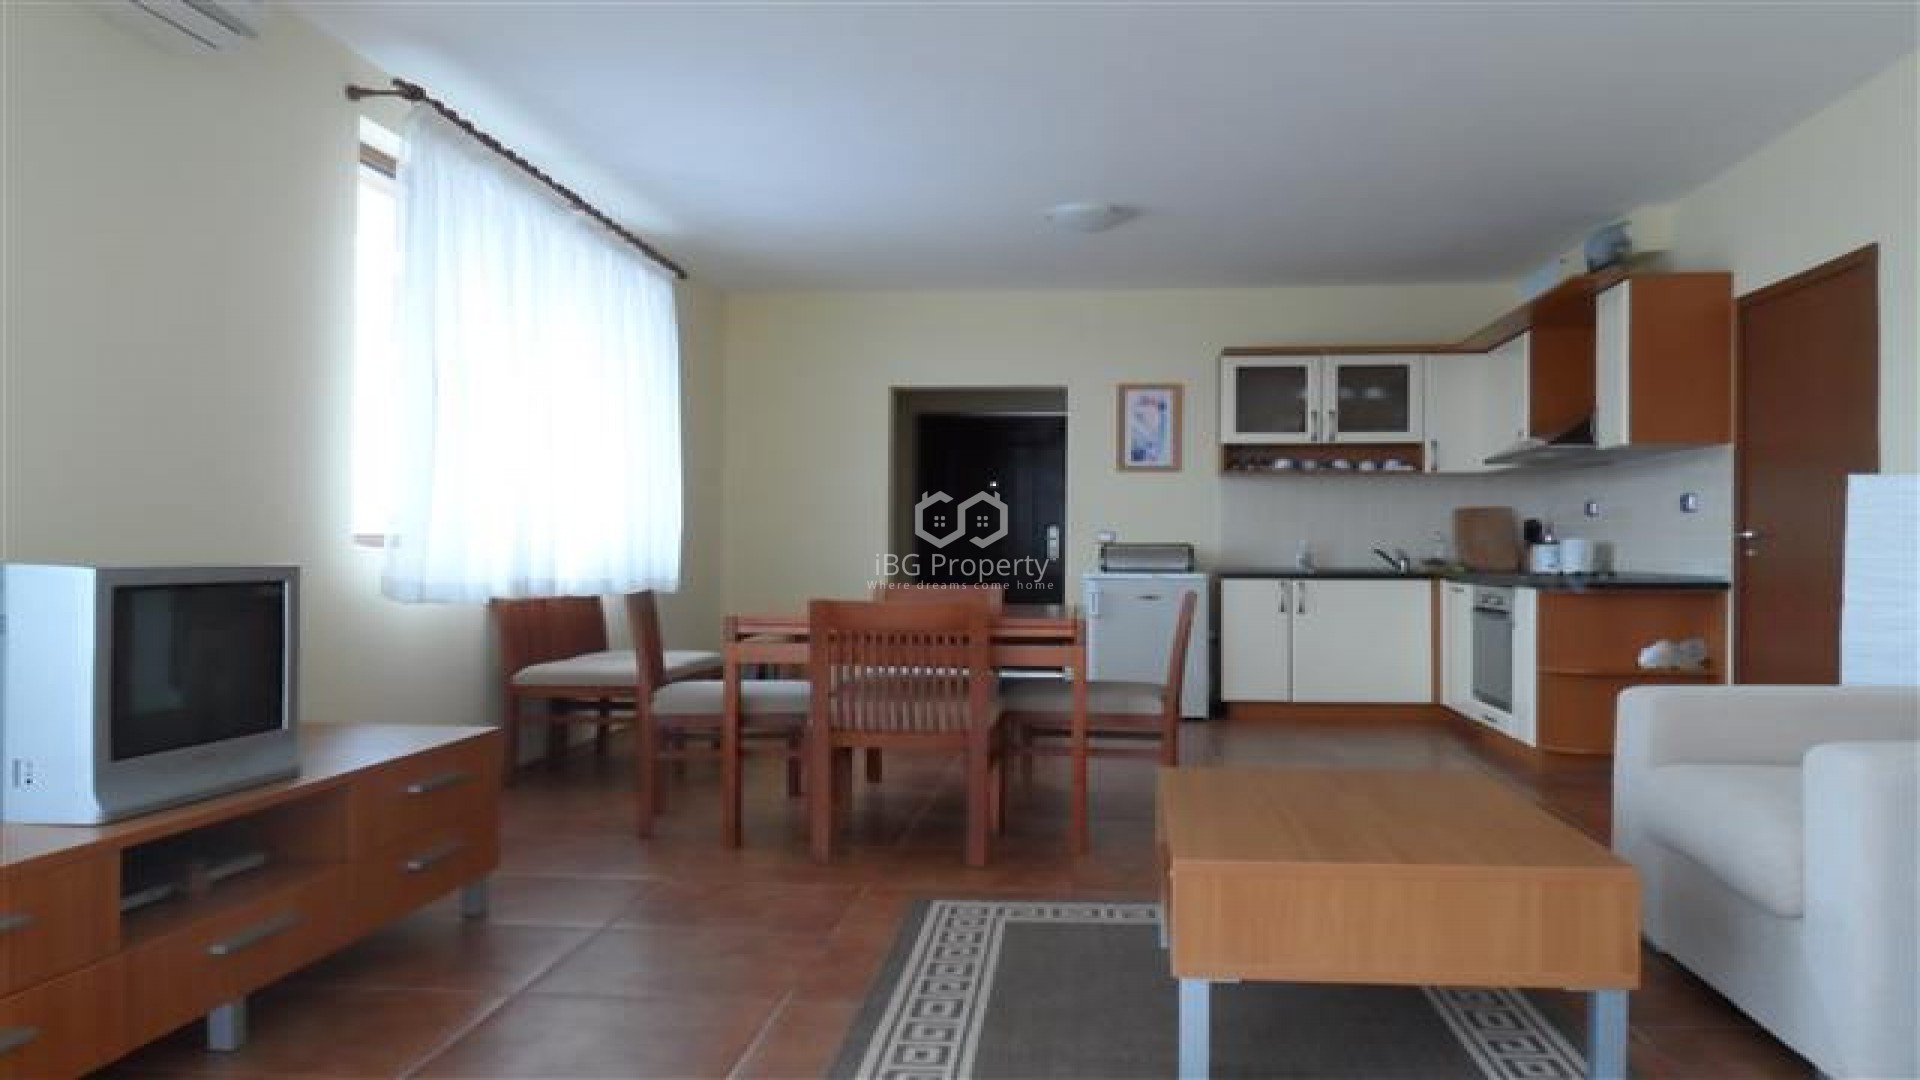 Dreizimmerwohnung in Byala 108 m2